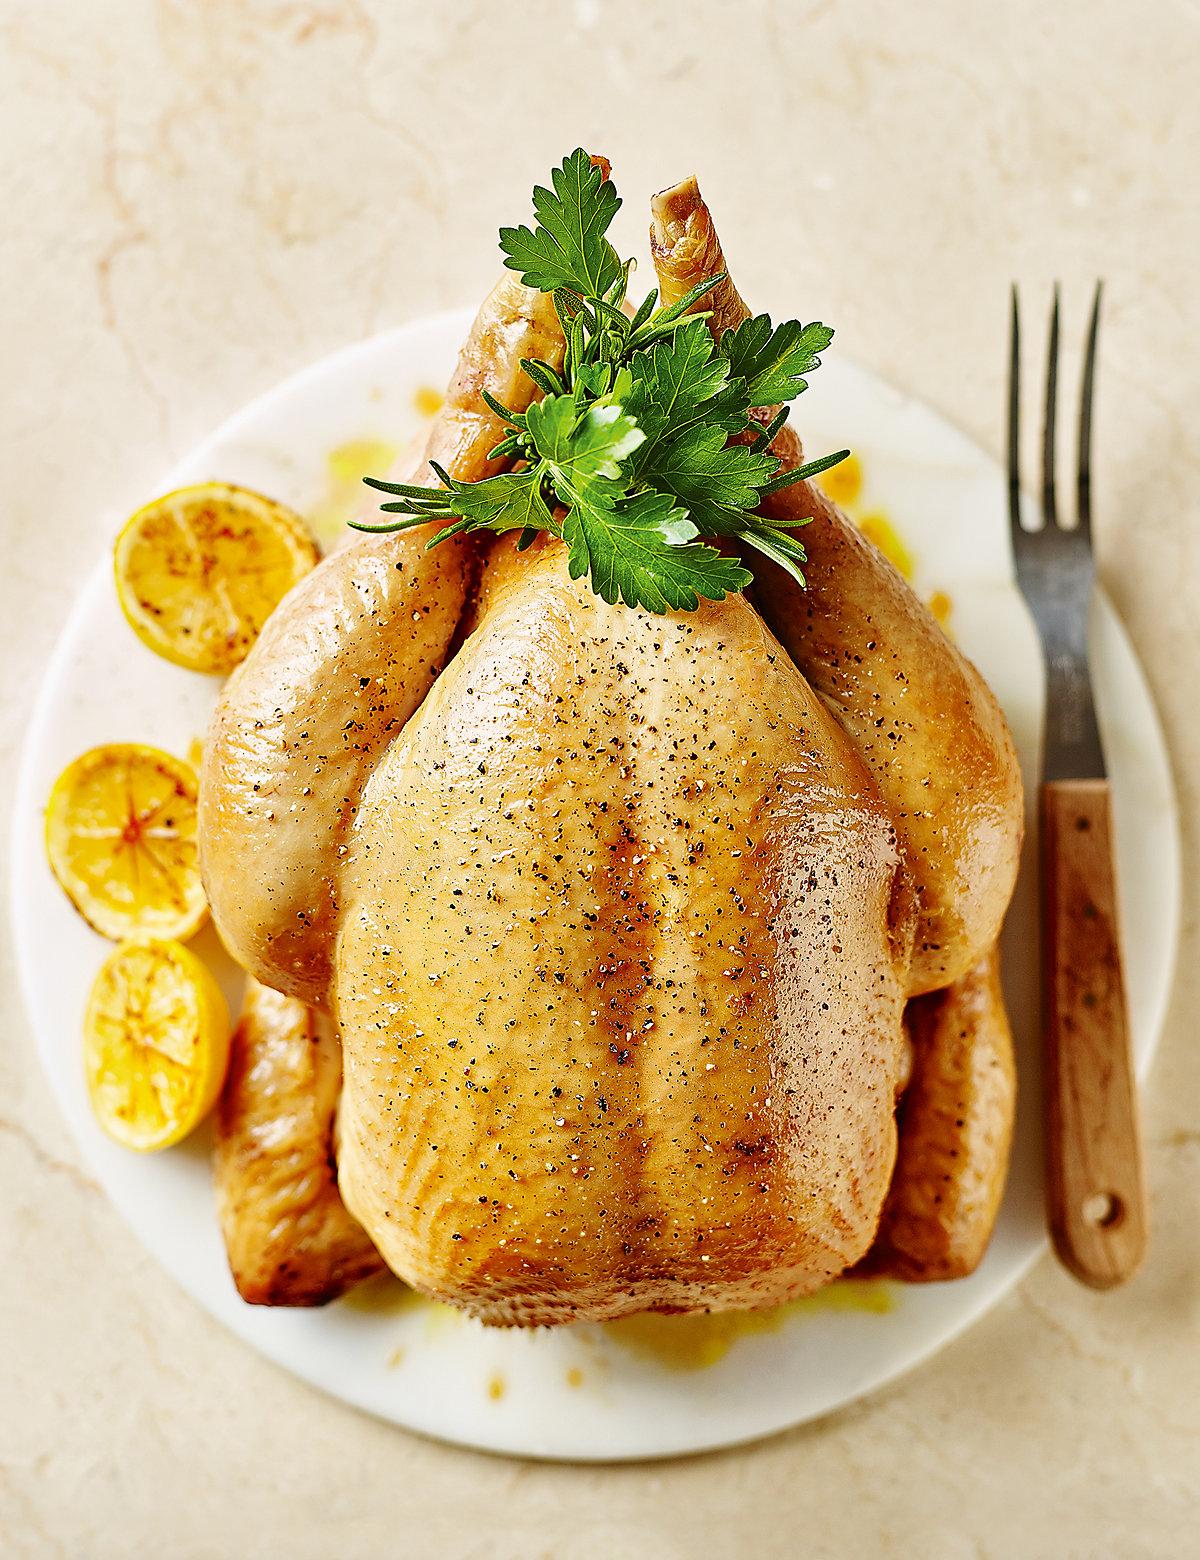 British Organic Free-Range Chicken